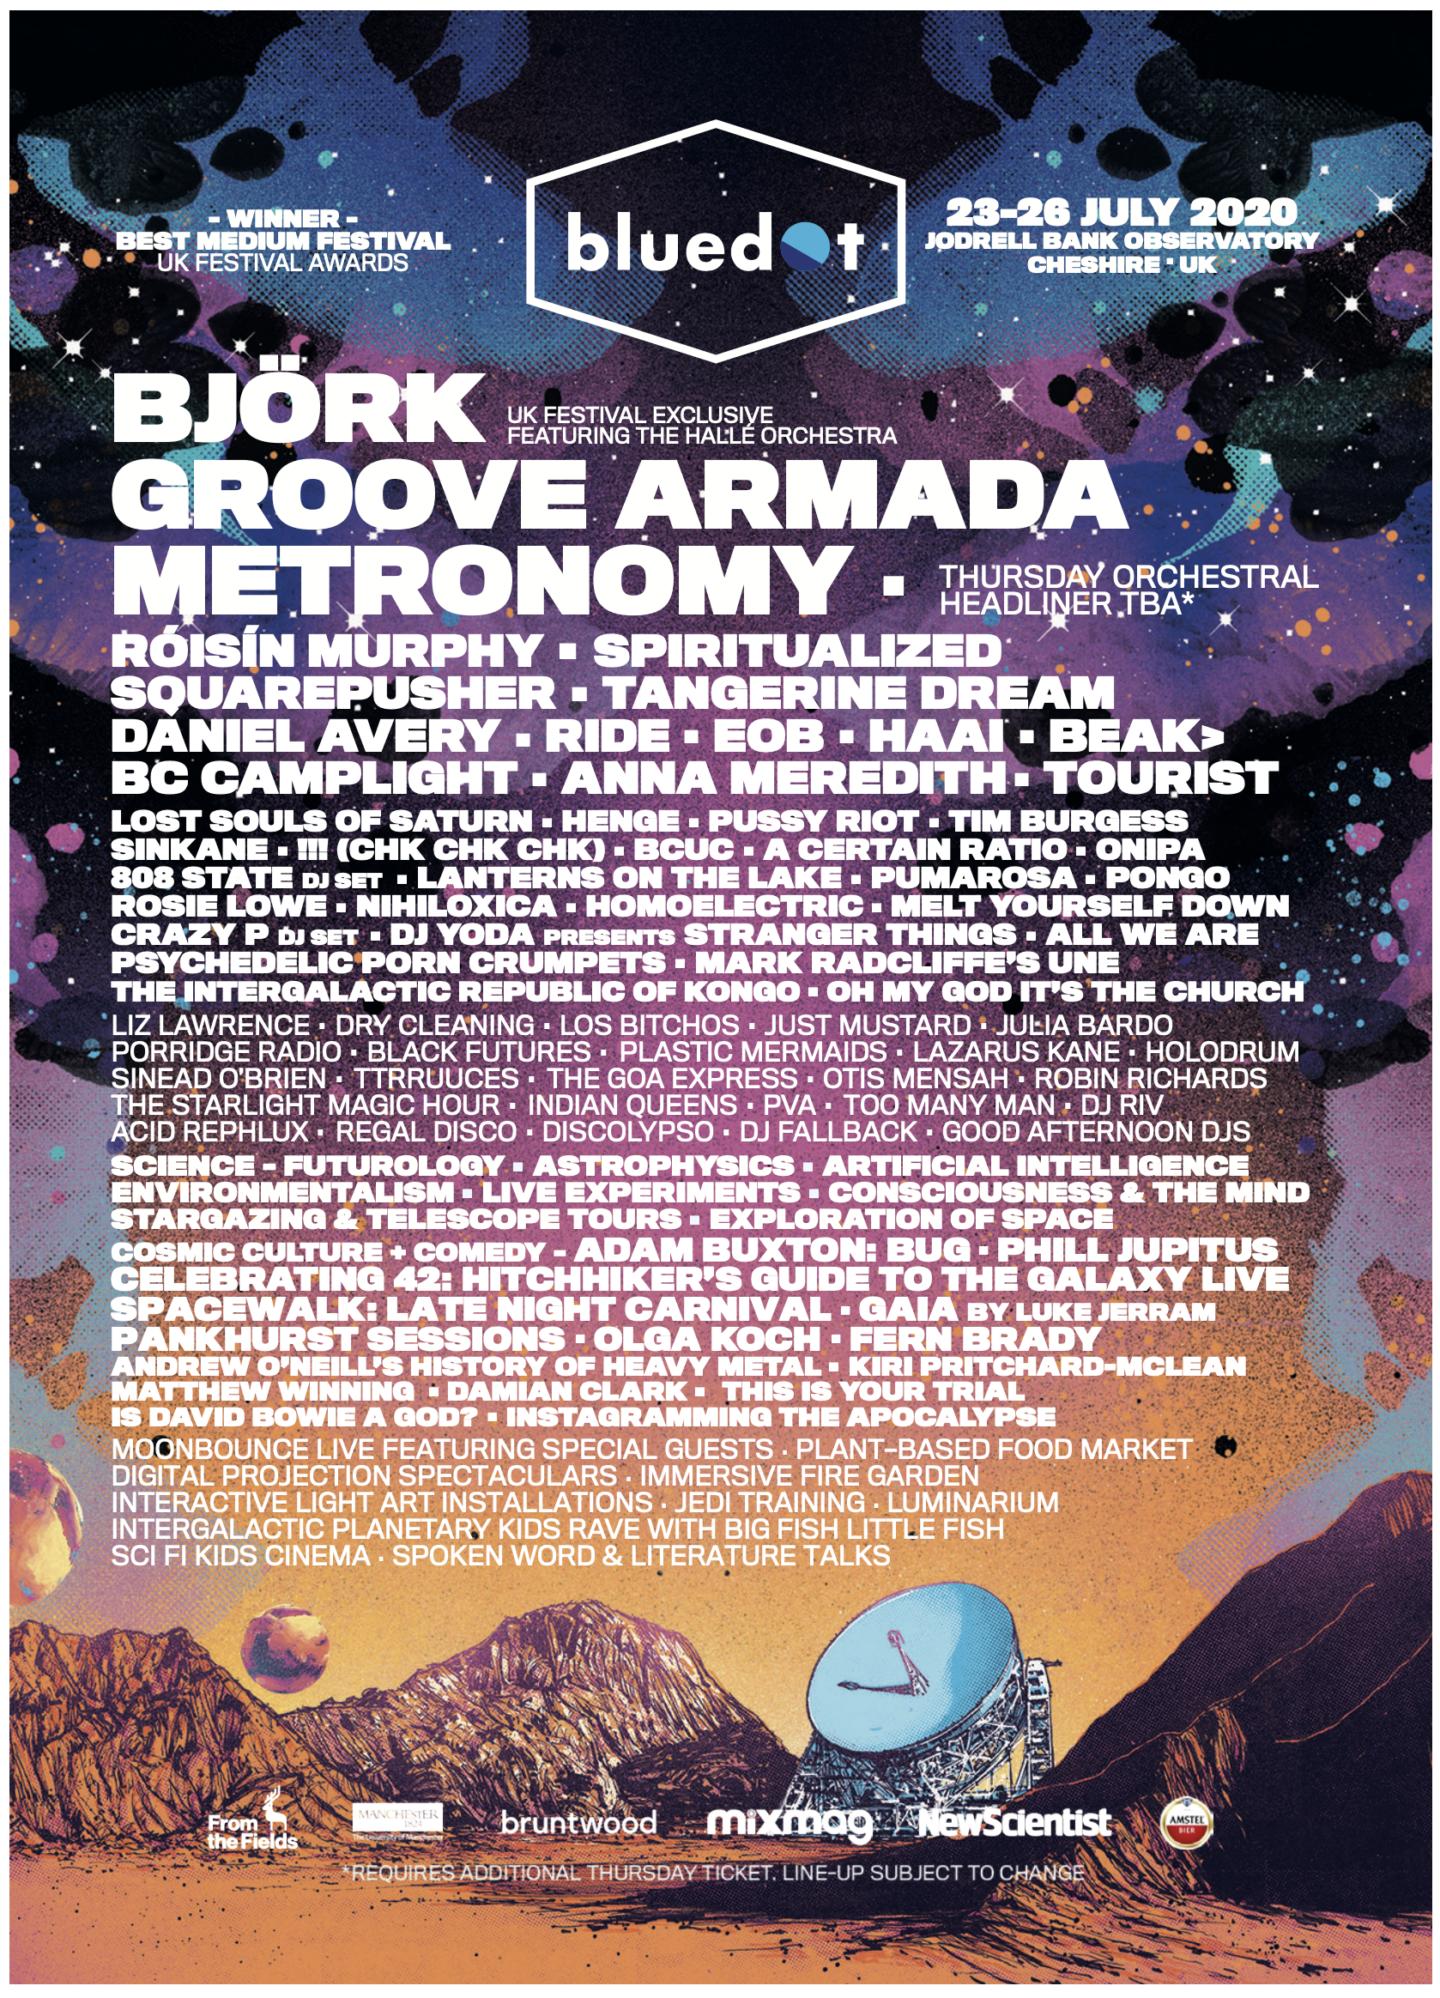 bluedot 2020 lineup poster